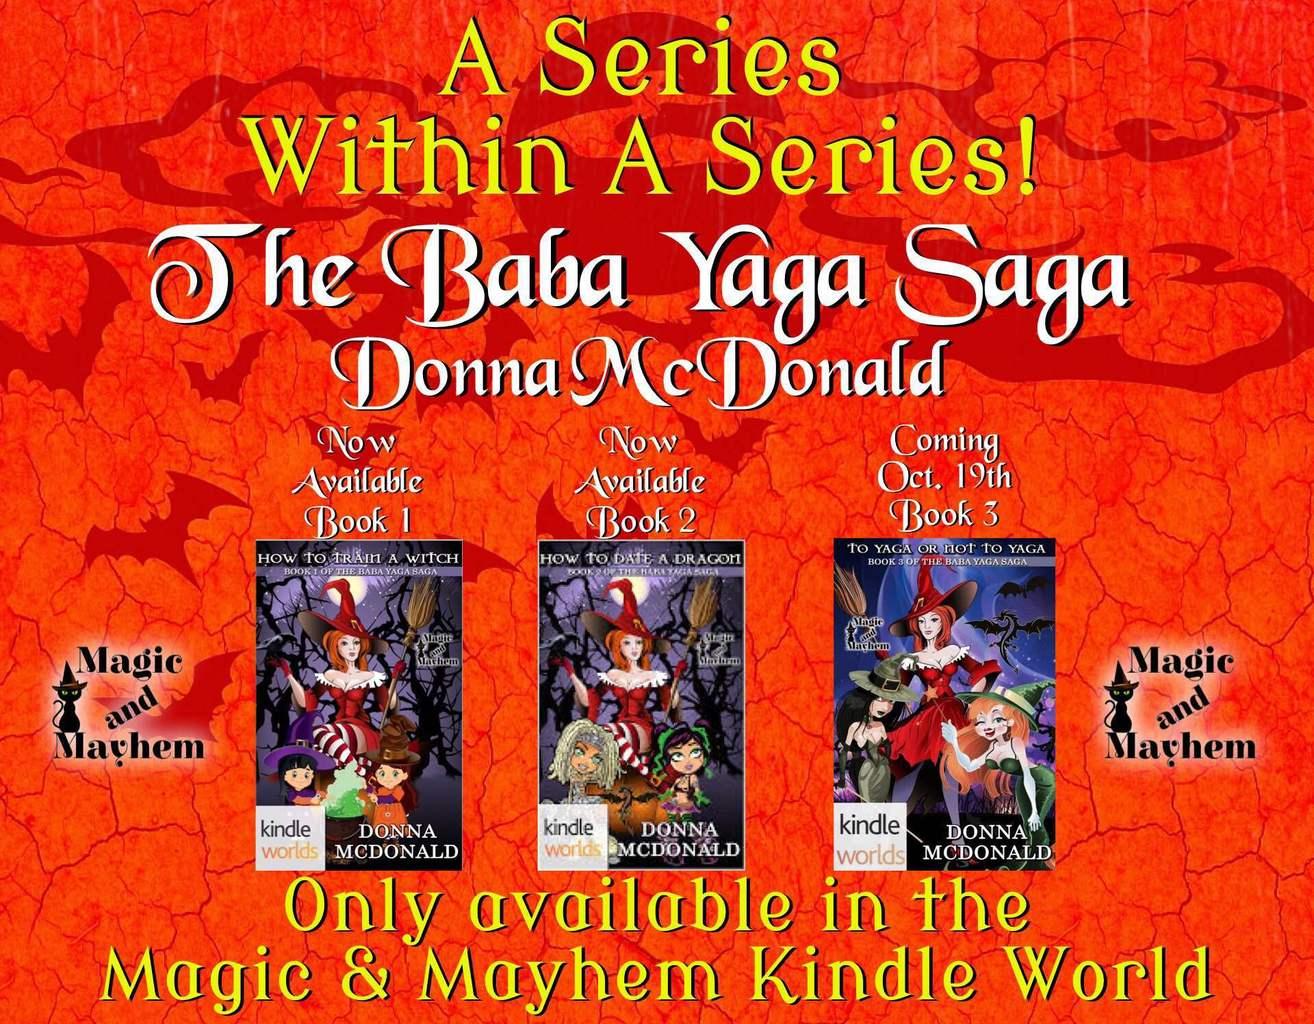 The Baba Yaga Saga All 3 Books